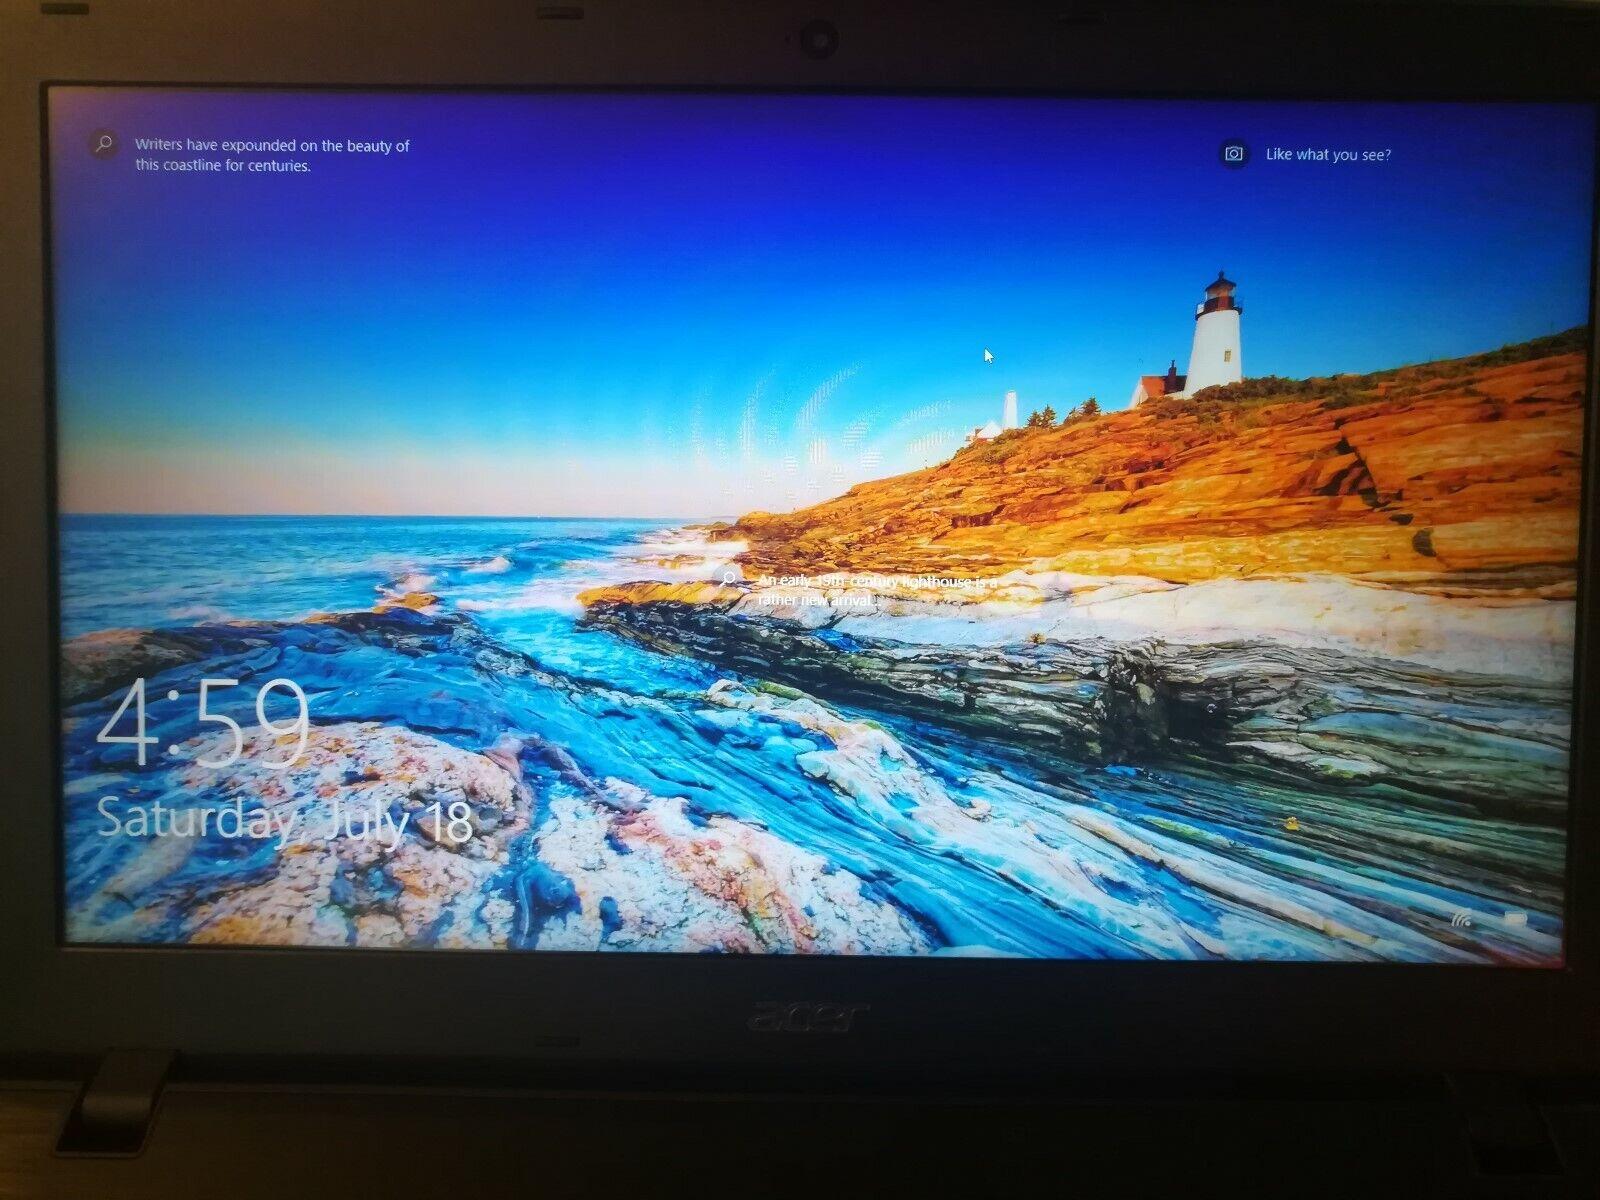 Acer Aspire E 15 E5 553 T5k4 15 6 Full Hd Laptop Indigo Blue 2 4ghz 1tb Hdd For Sale Online Ebay